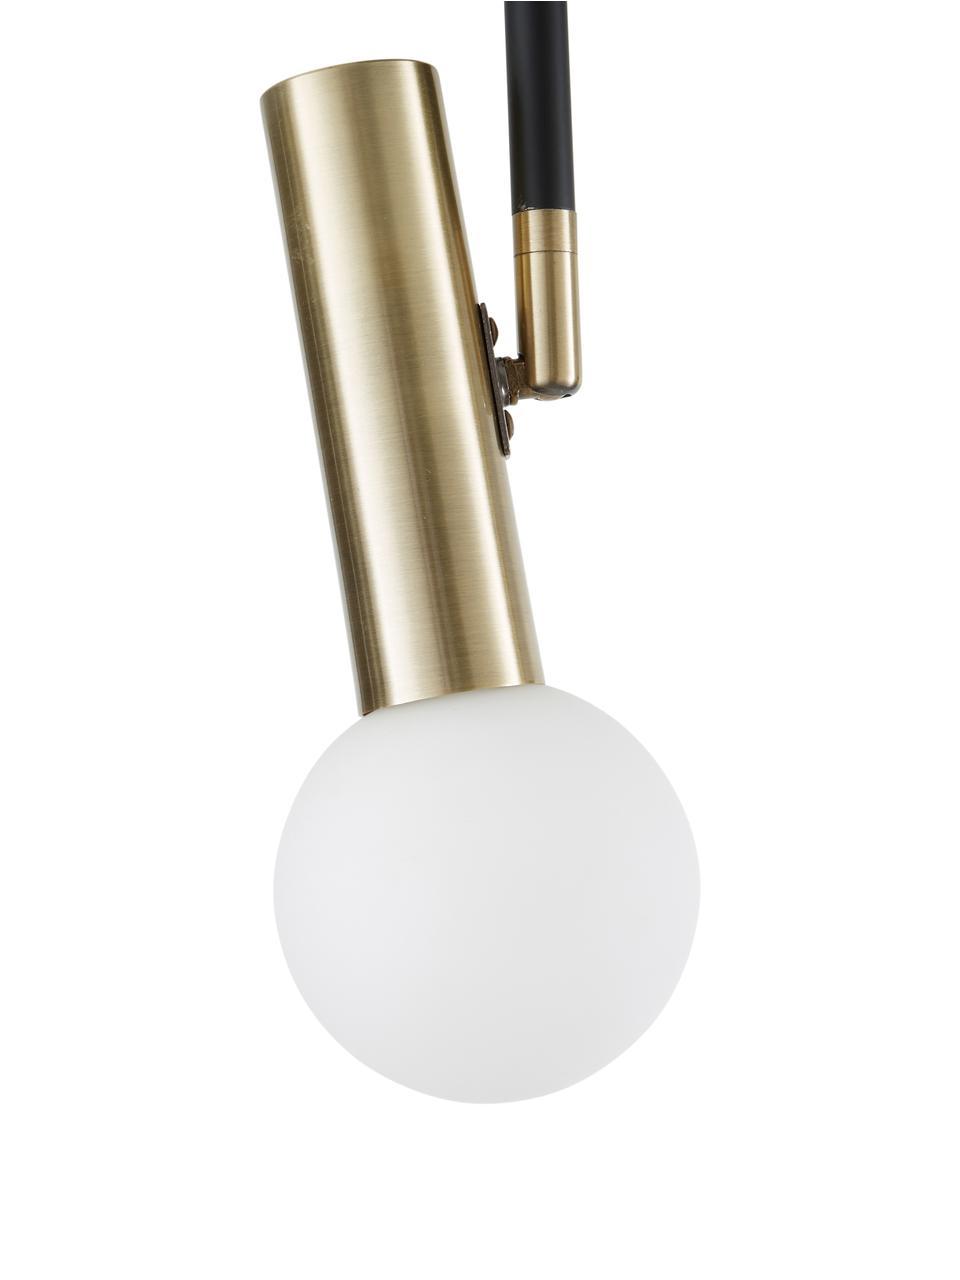 Plafonnier LED à spots orientables Wilson, Rosace: noir, mat Douilles: couleur laitonnée Abat-jour: blanc